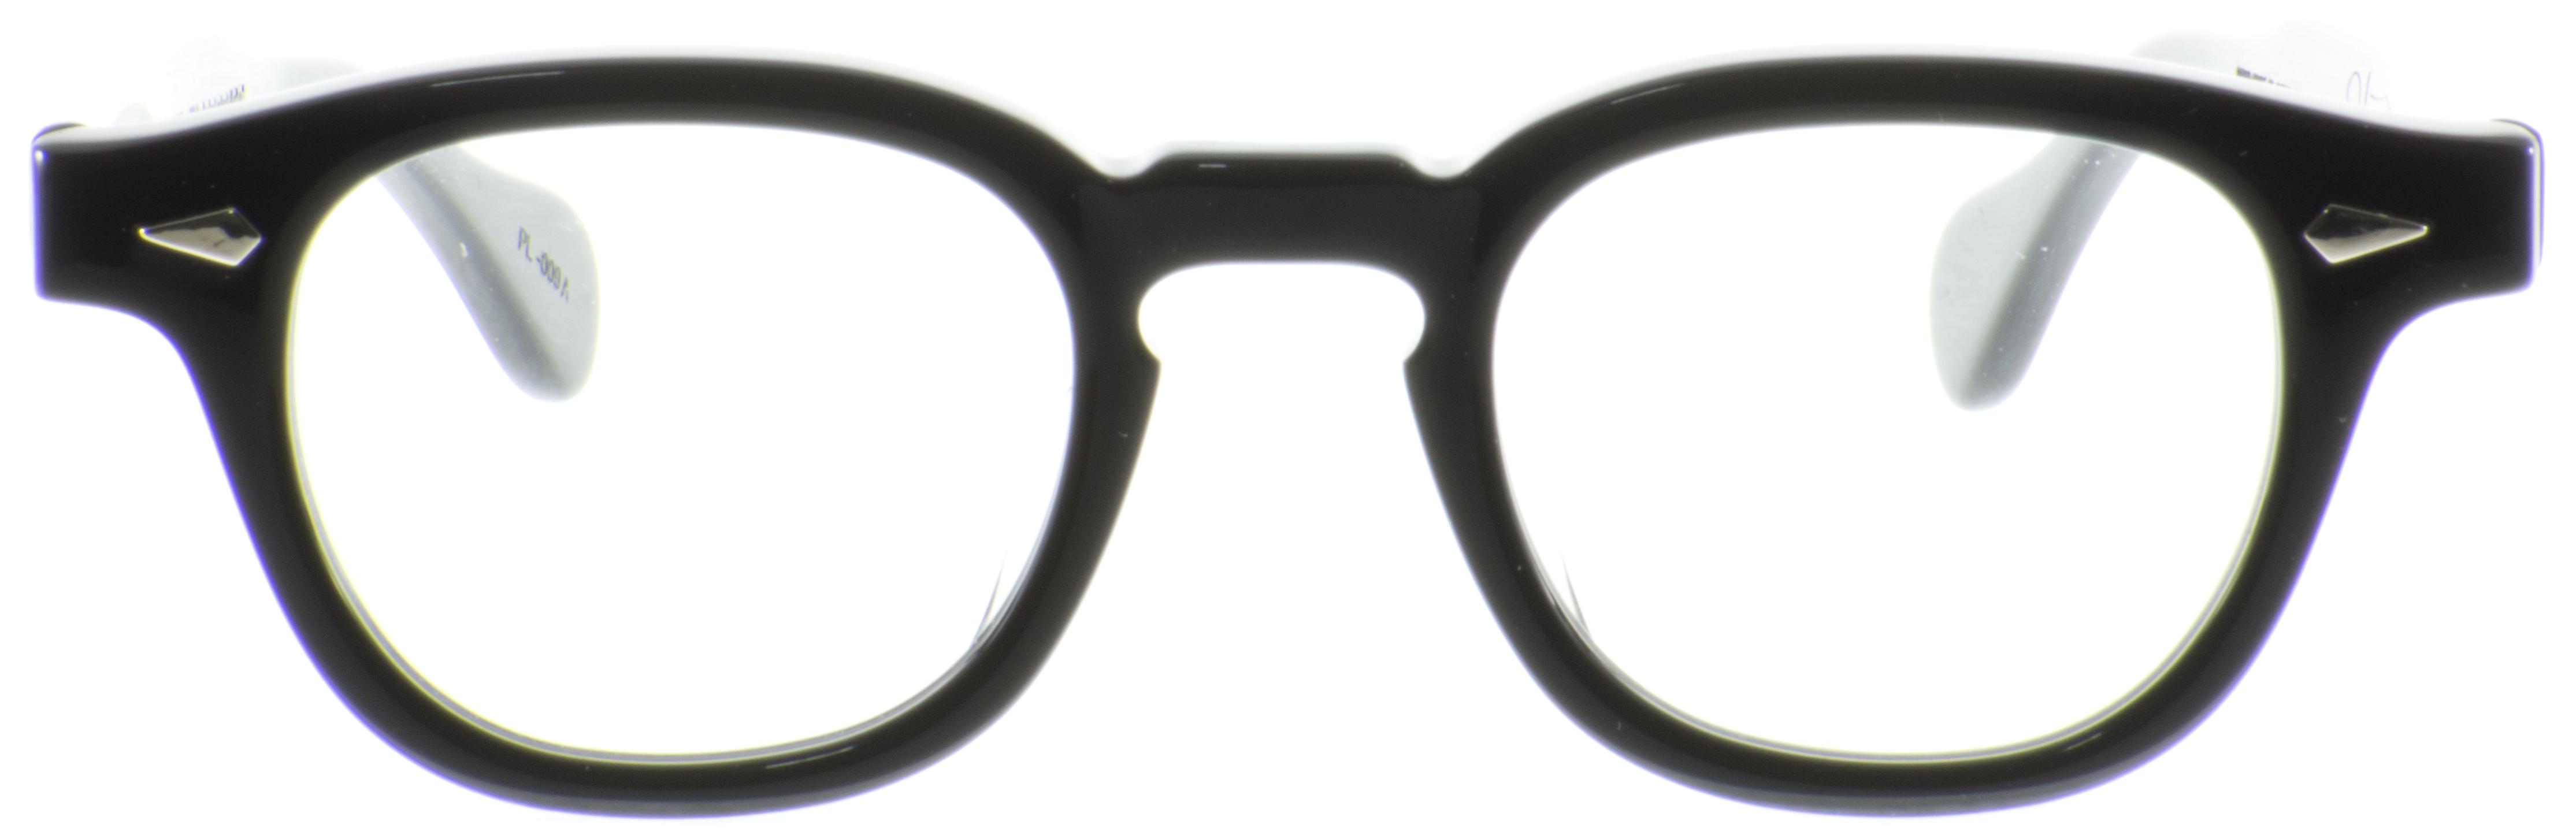 JULIUS TART OPTICAL AR 42 Black 1010300601